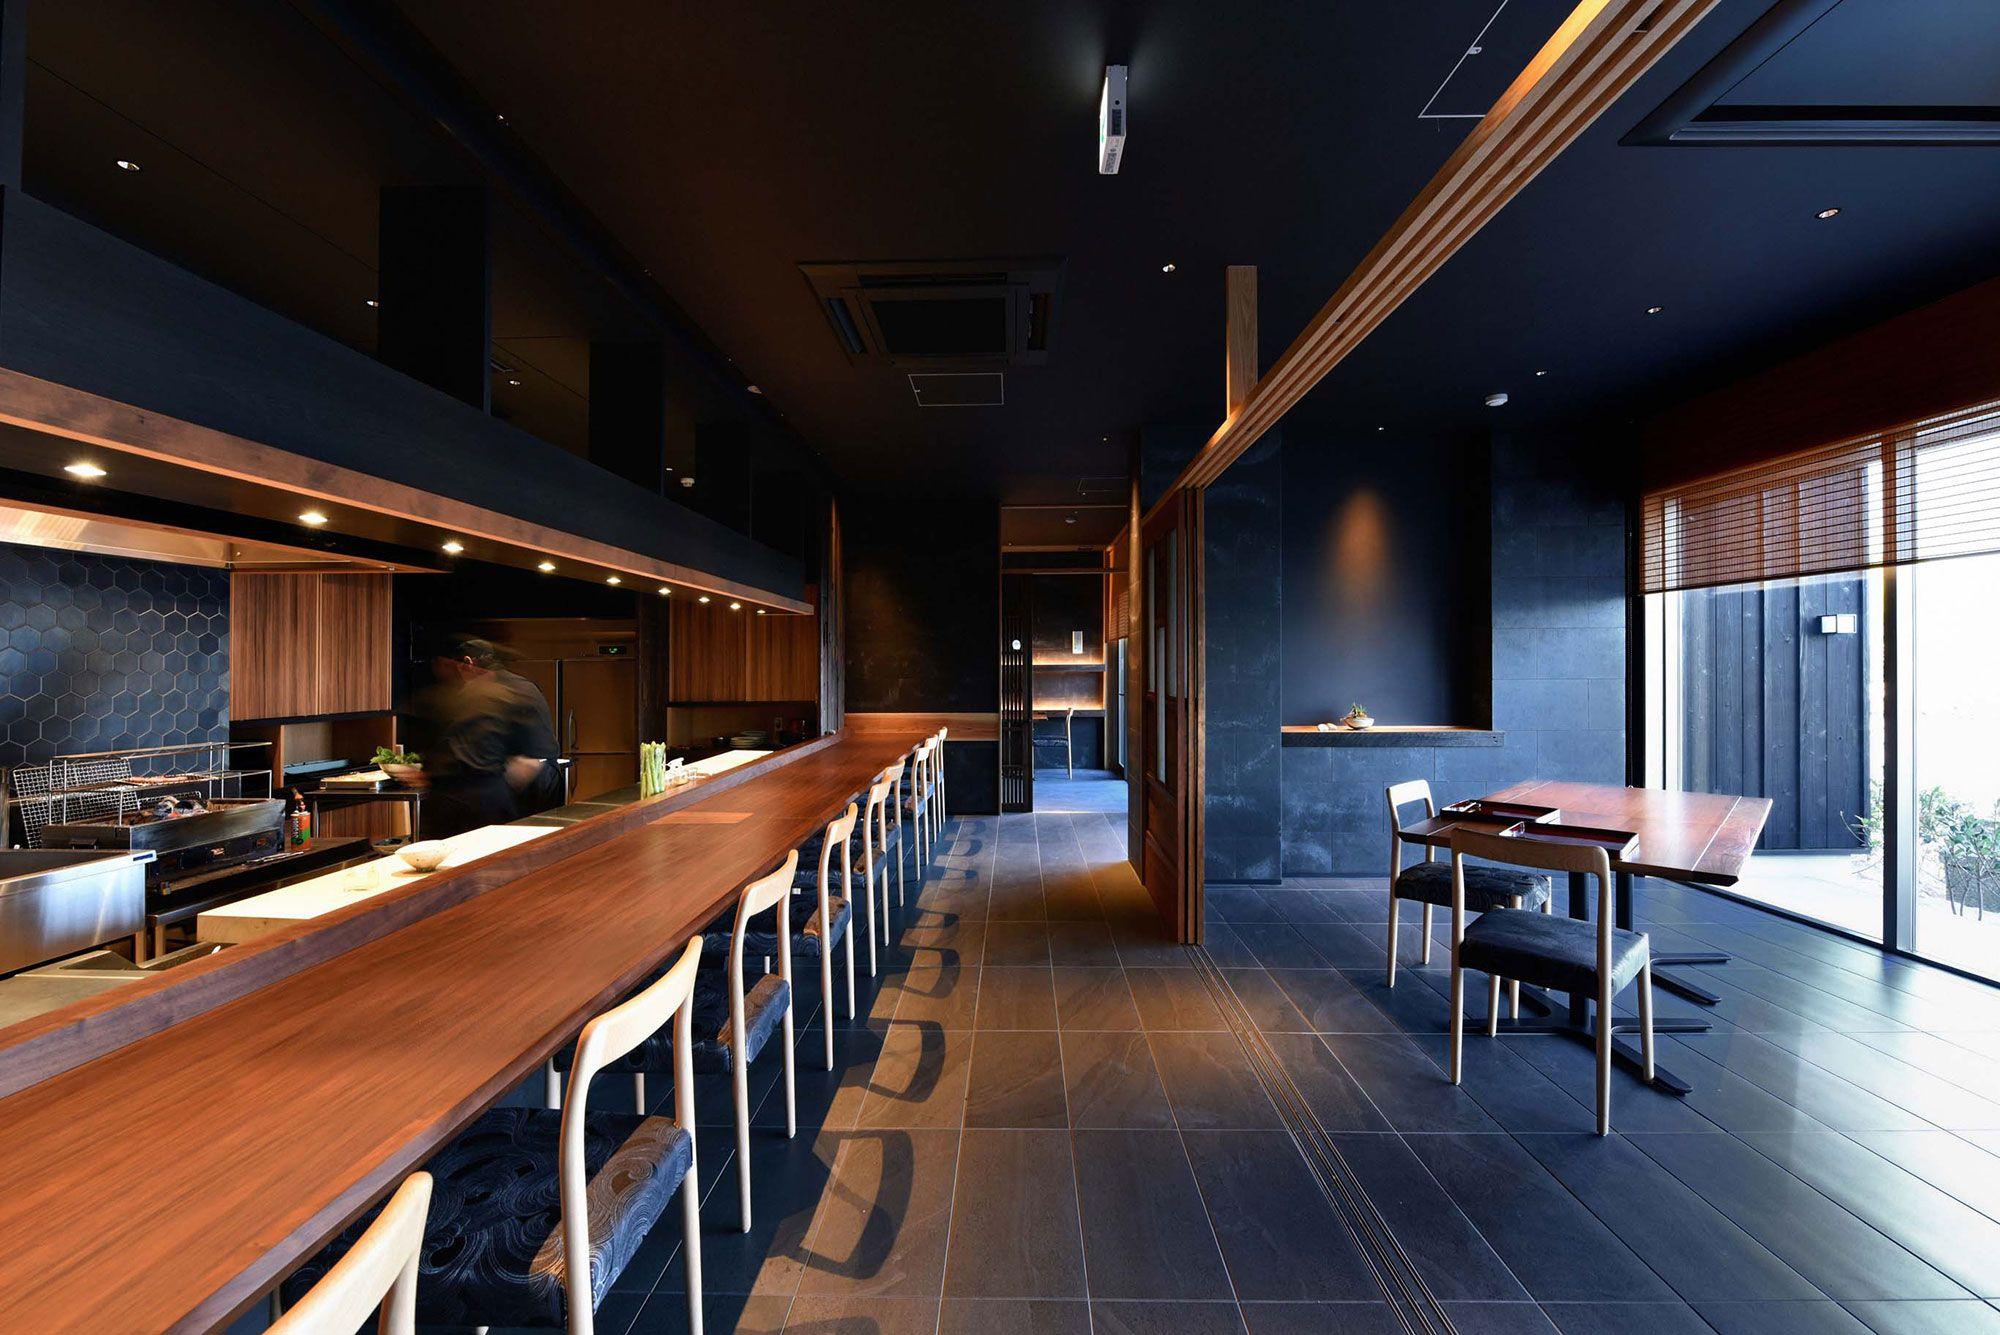 広々としたオープンキッチン、海が見渡せるモダンなレストラン。